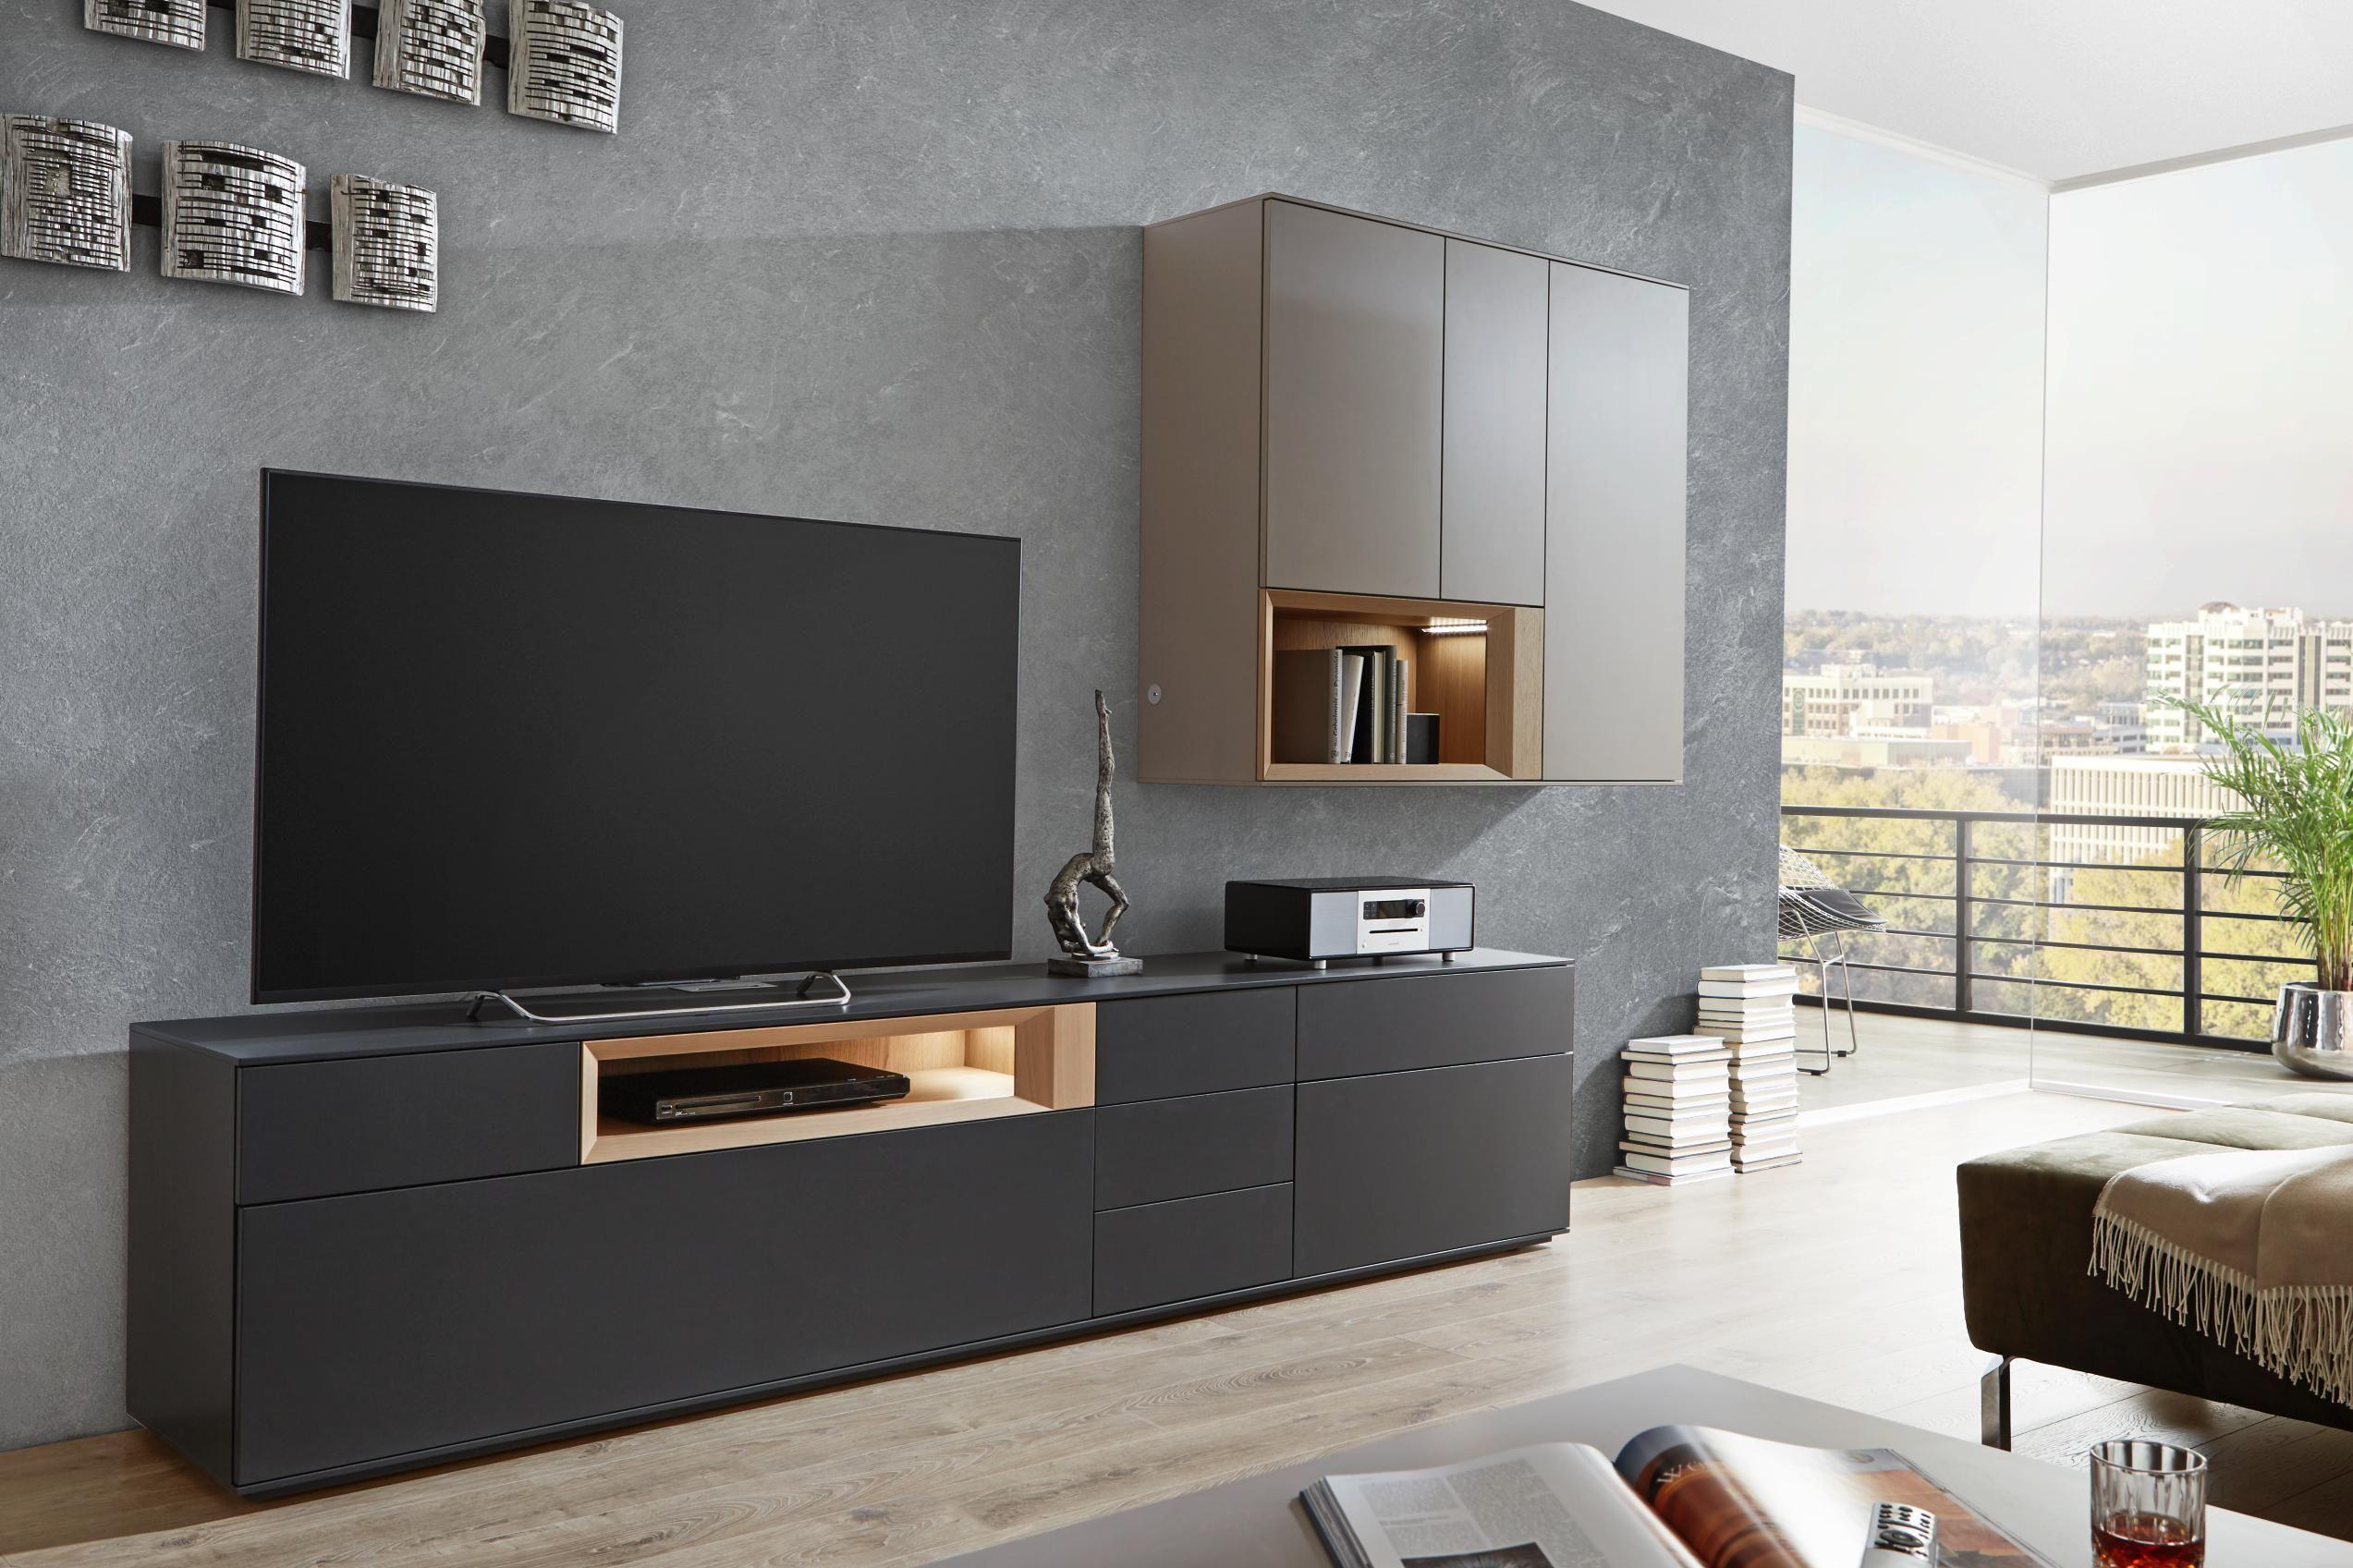 Moderne Wohnwand Im Geradlinigen Design Von Dieter Knoll Graue